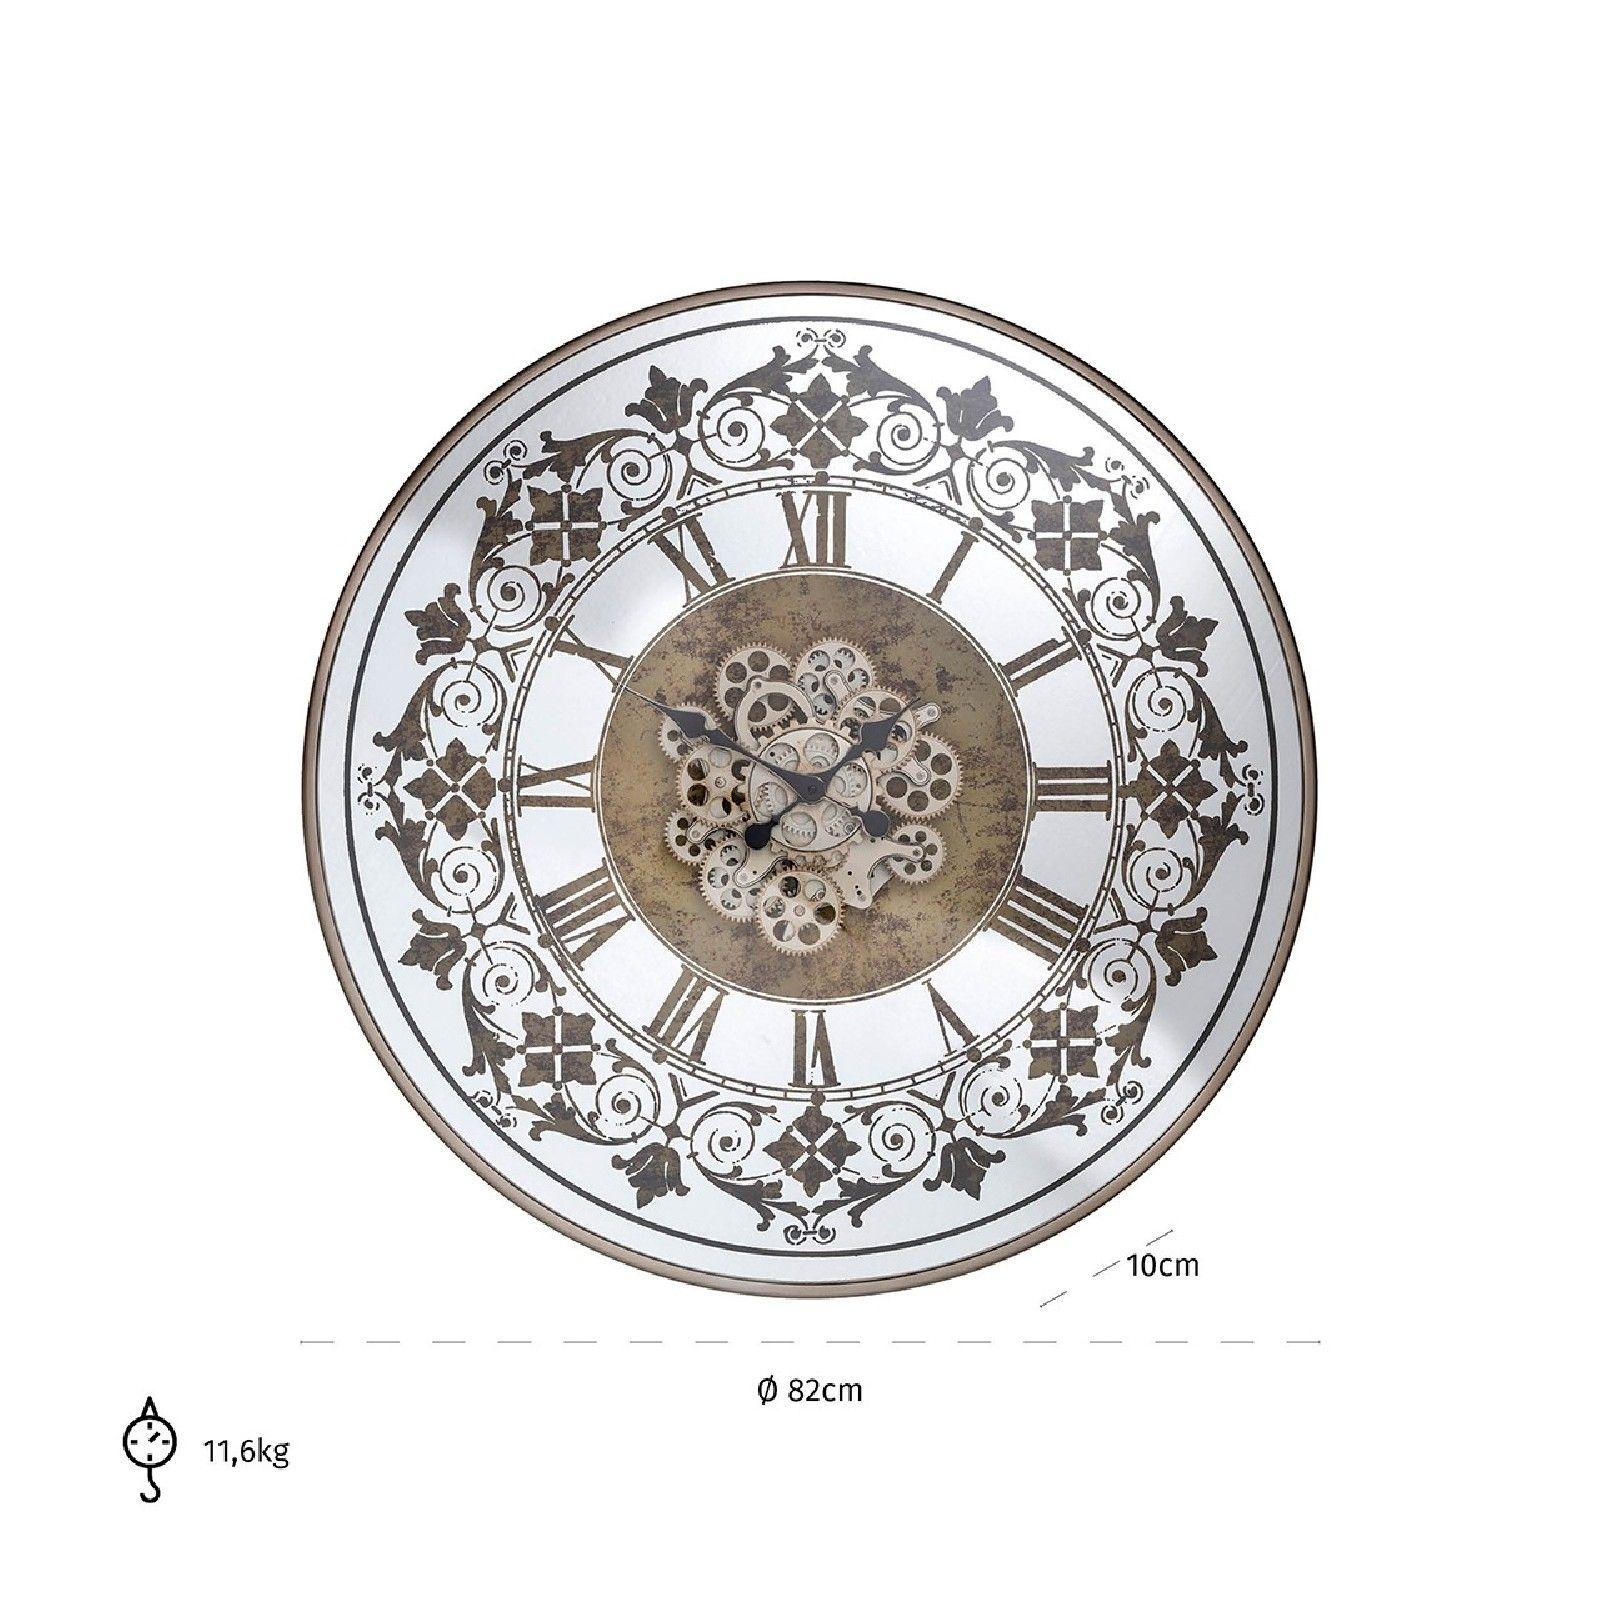 Horloge Orvill ronde dorée Horloges murales - 33